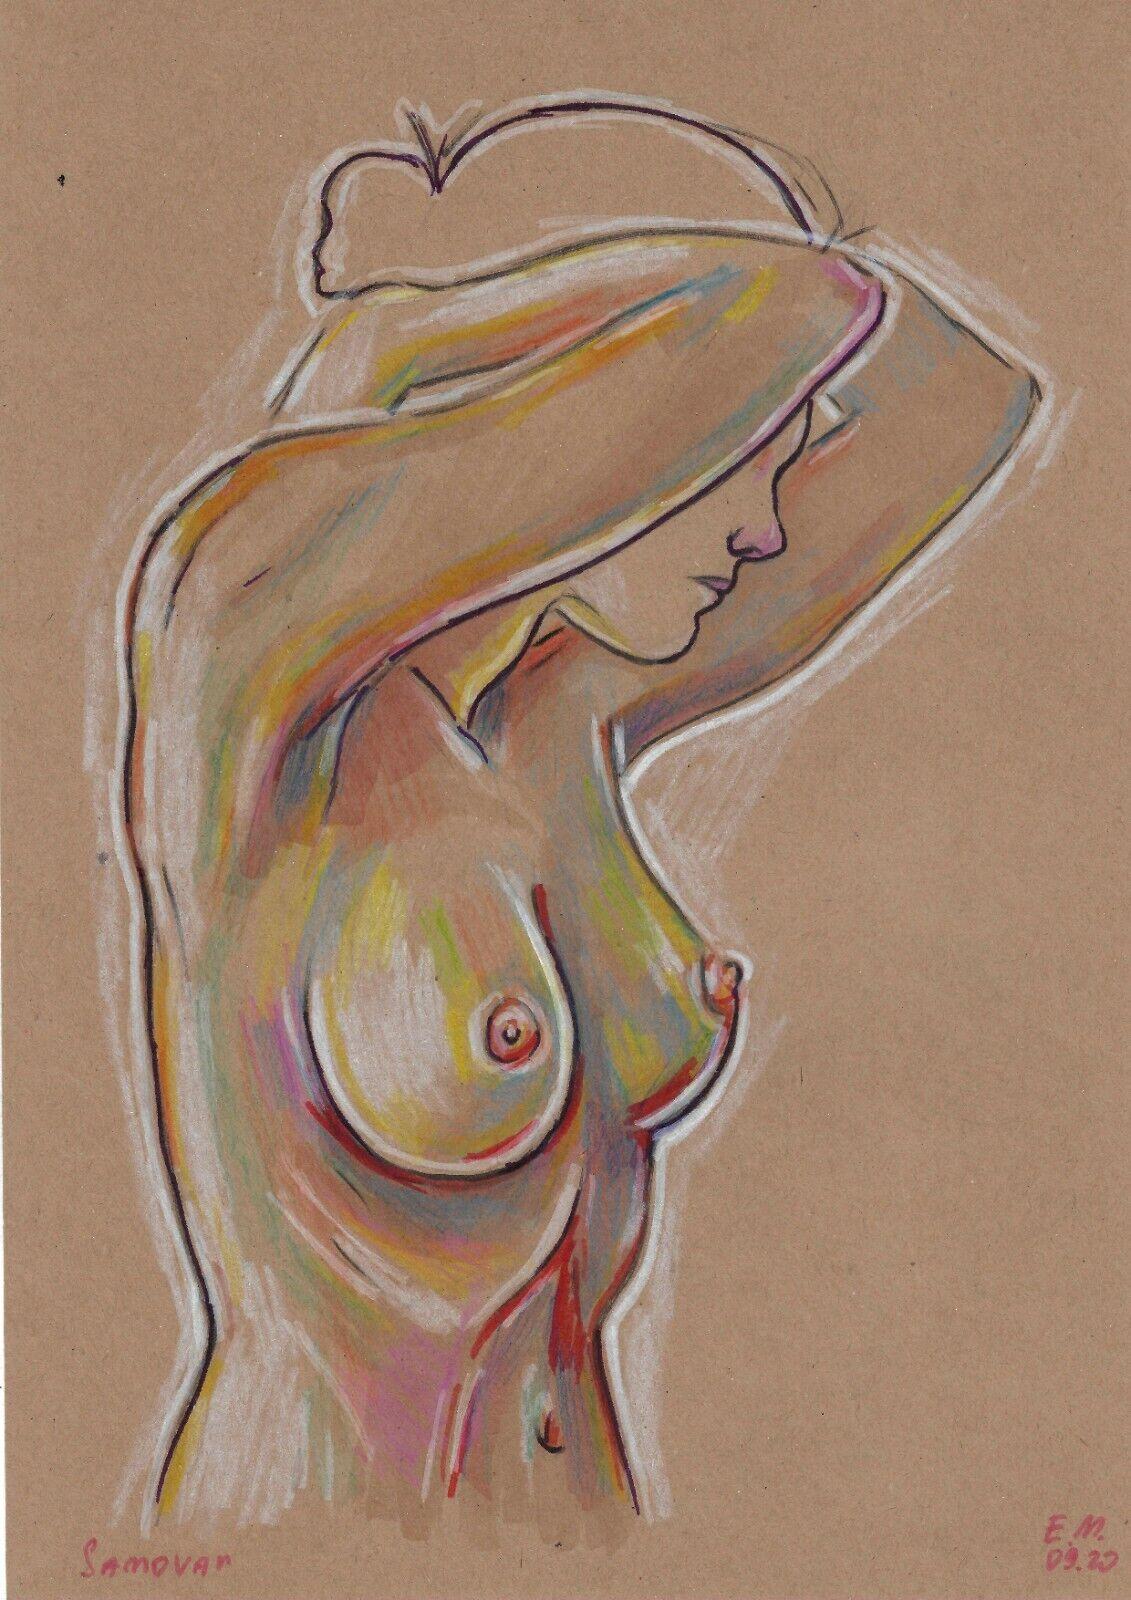 Original Drawing A4 114VE Art Samovar Kraft Paper Colored Marker Female Nude - $8.03